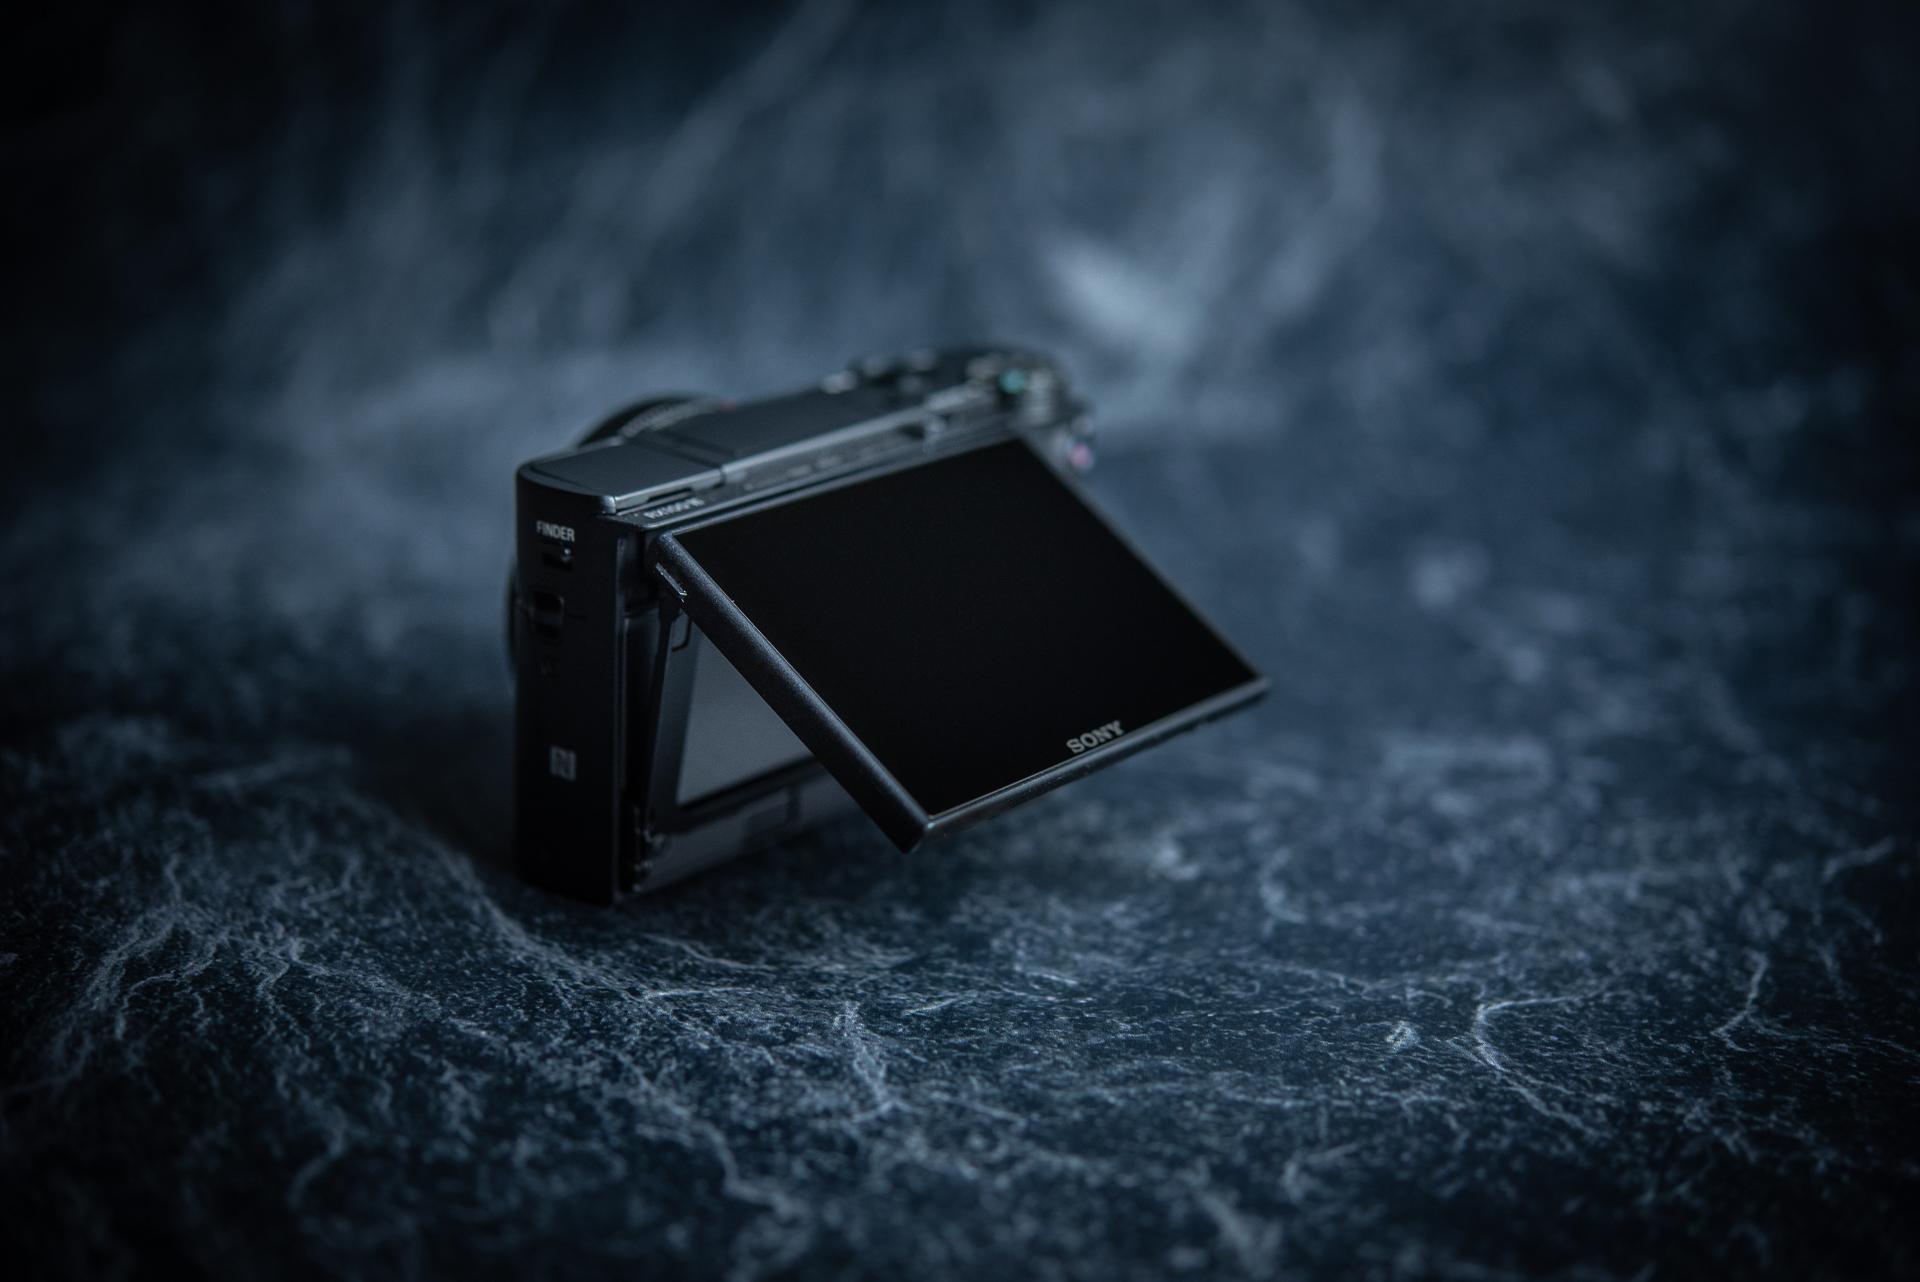 Sony DSC-RX100 VI